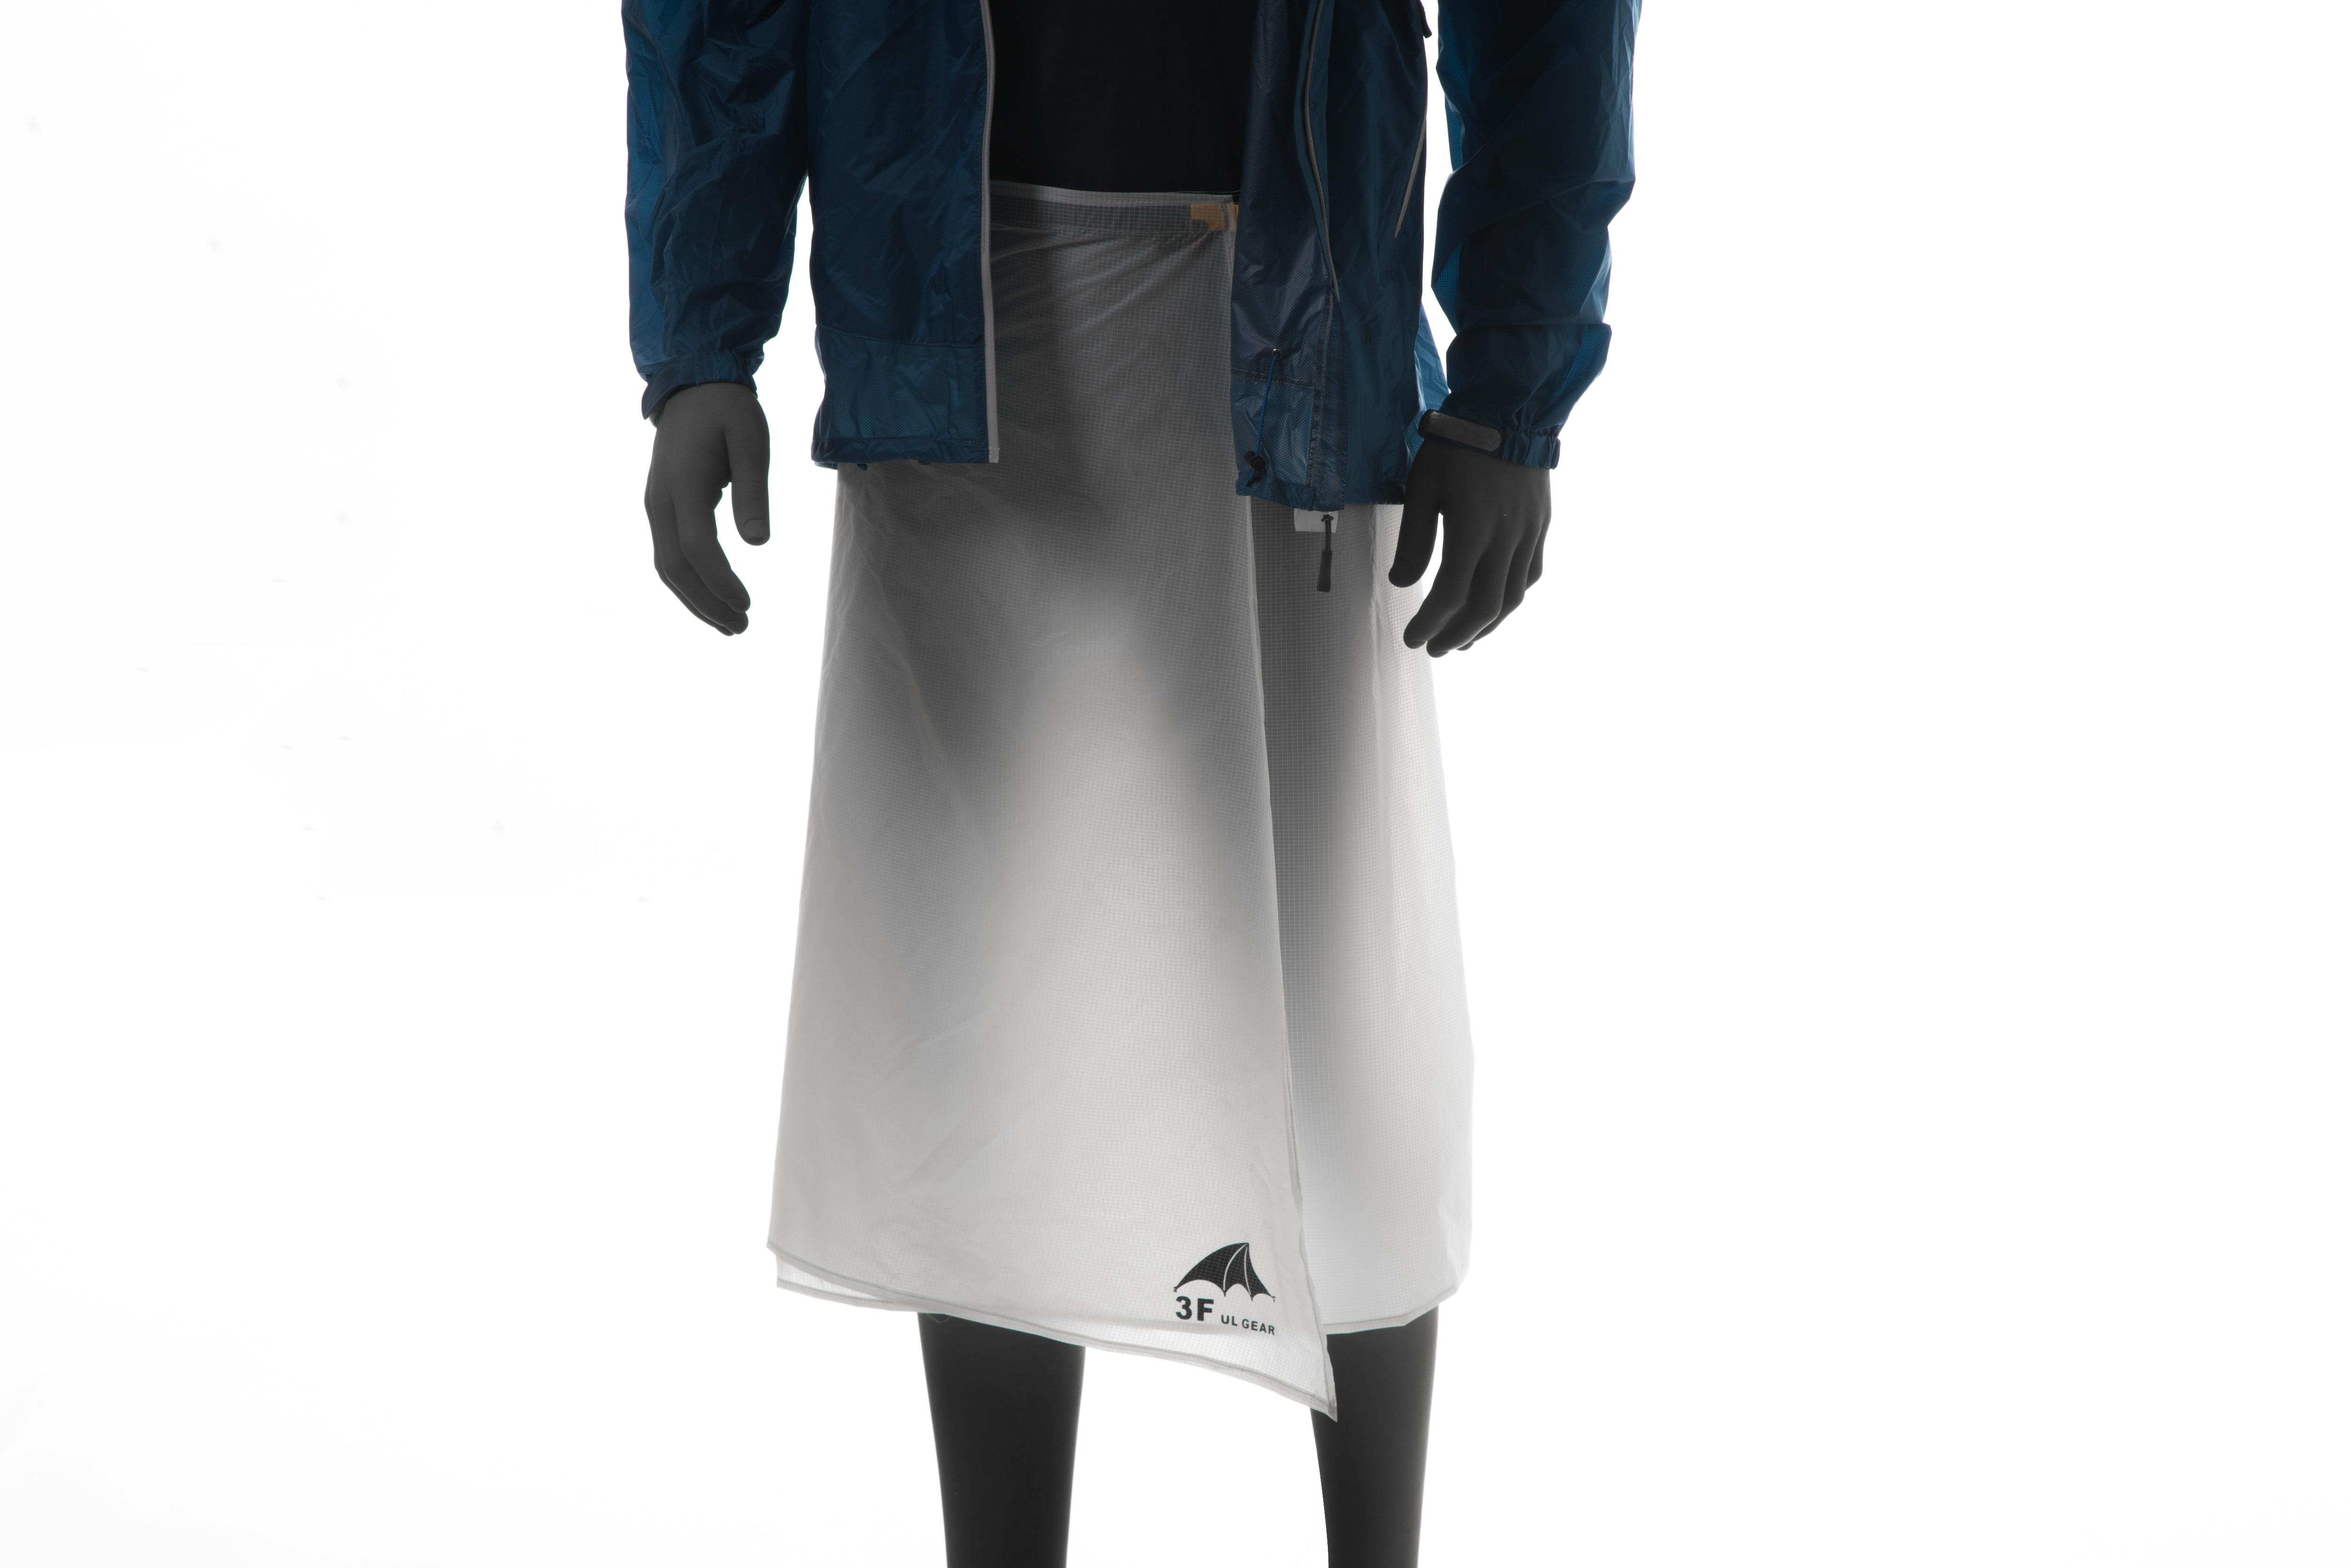 3F UL GEAR cyclisme Camping randonnée pantalon de pluie léger imperméable jupe de pluie 65g